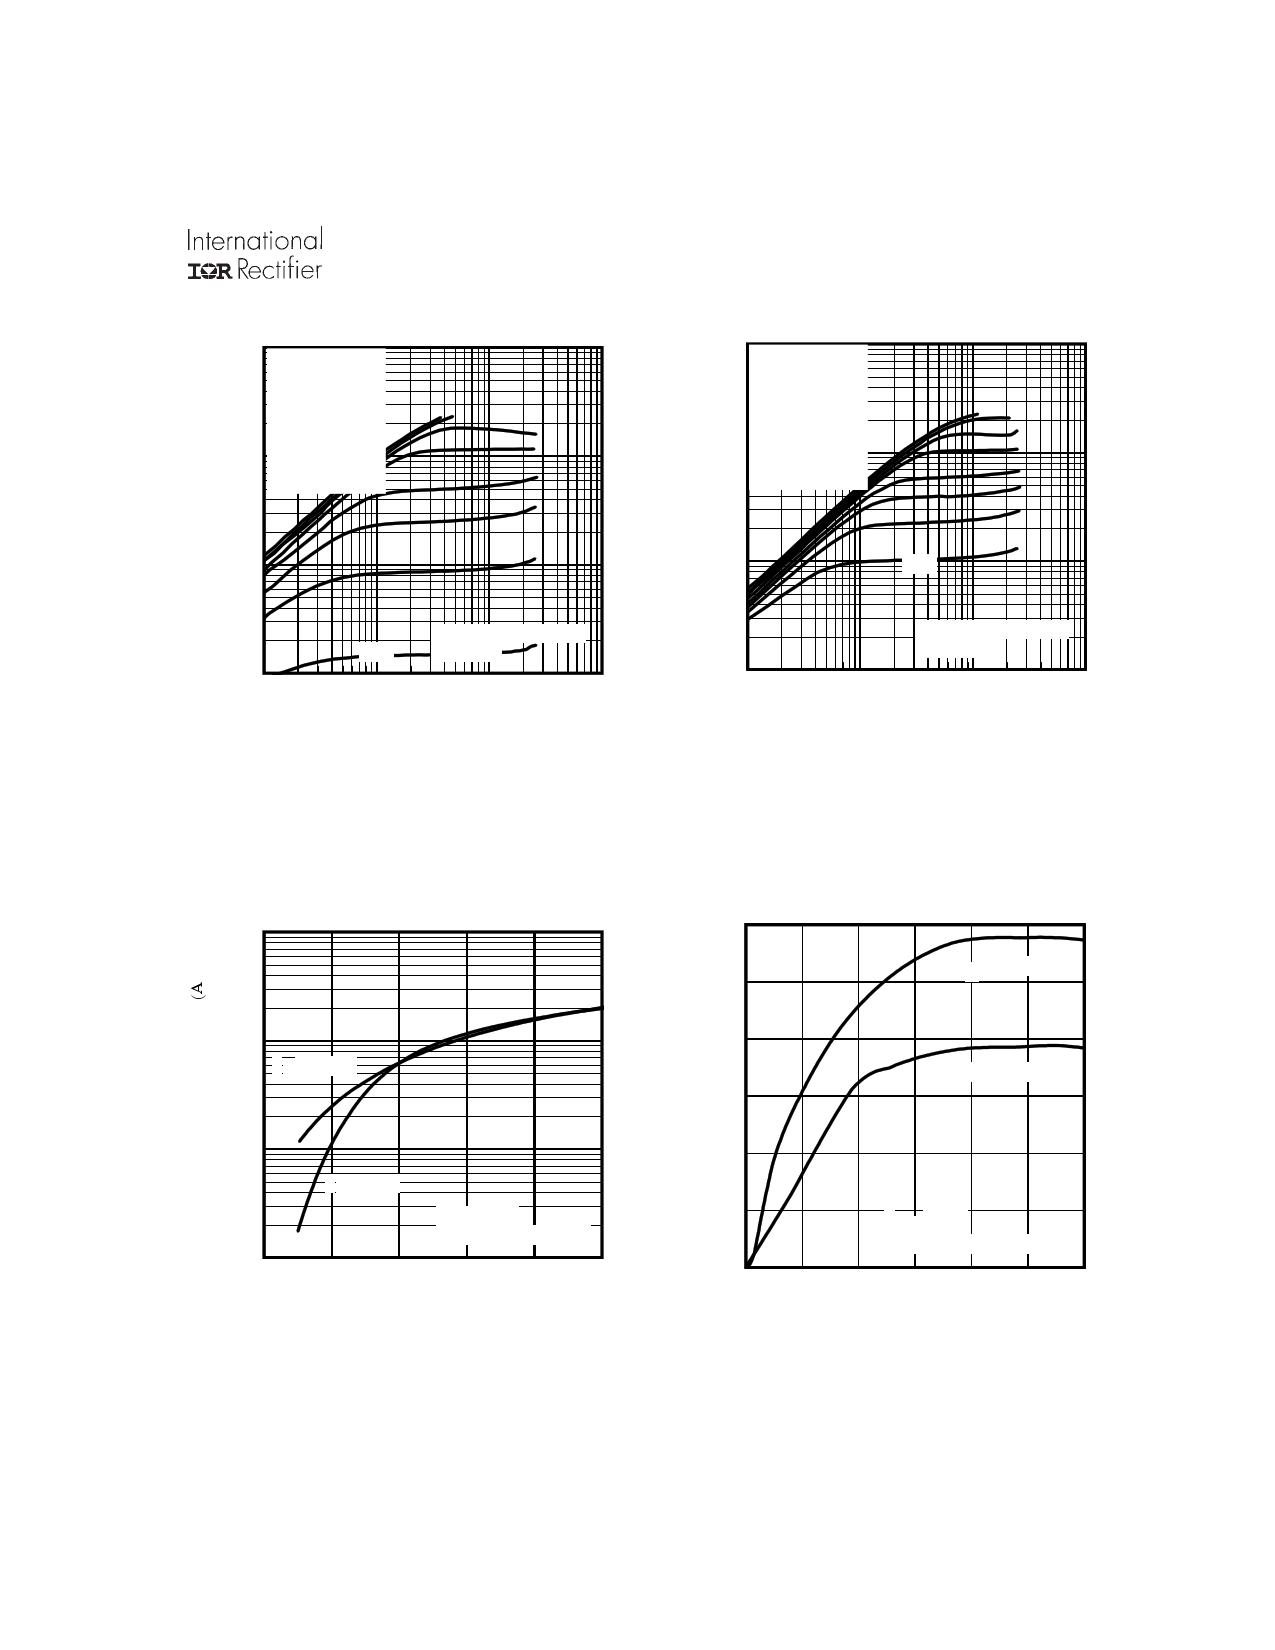 IRFZ44VZ pdf, ピン配列